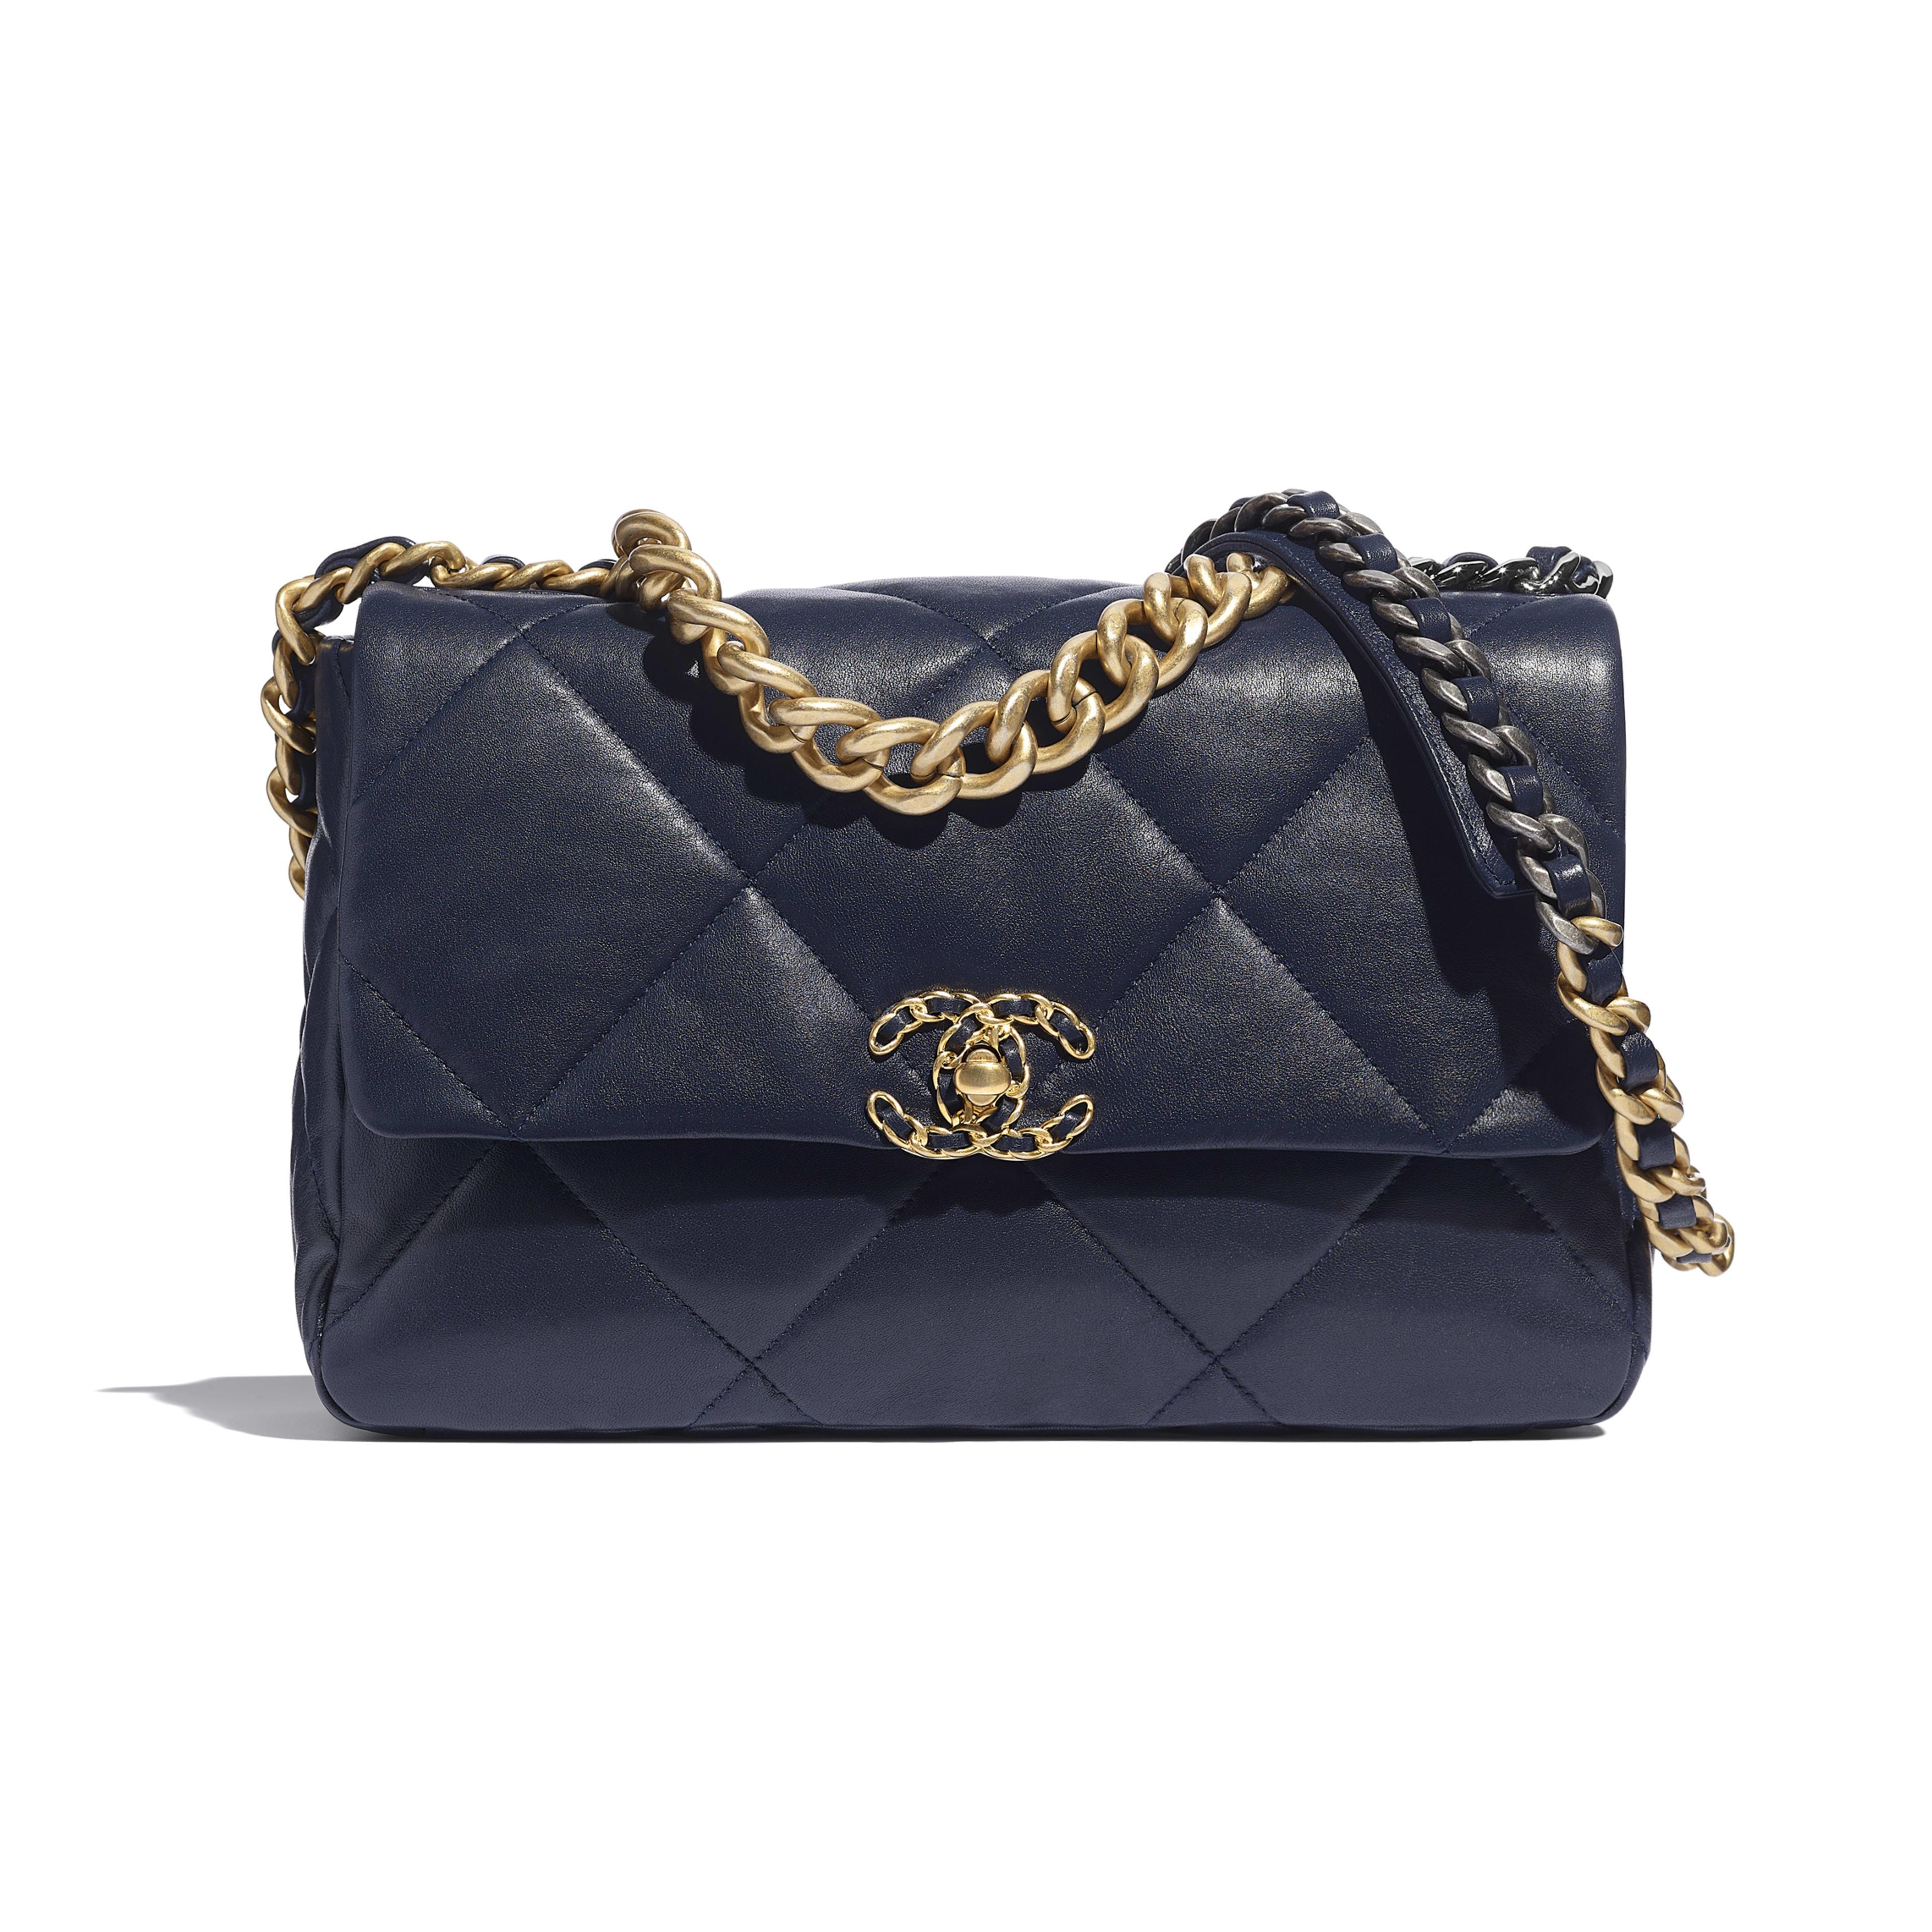 Chanel Borse Italia.Borsa Chanel 19 Grande Pelle Di Agnello Metallo Effetto Dorato Argentato Finitura Rutenio Chanel